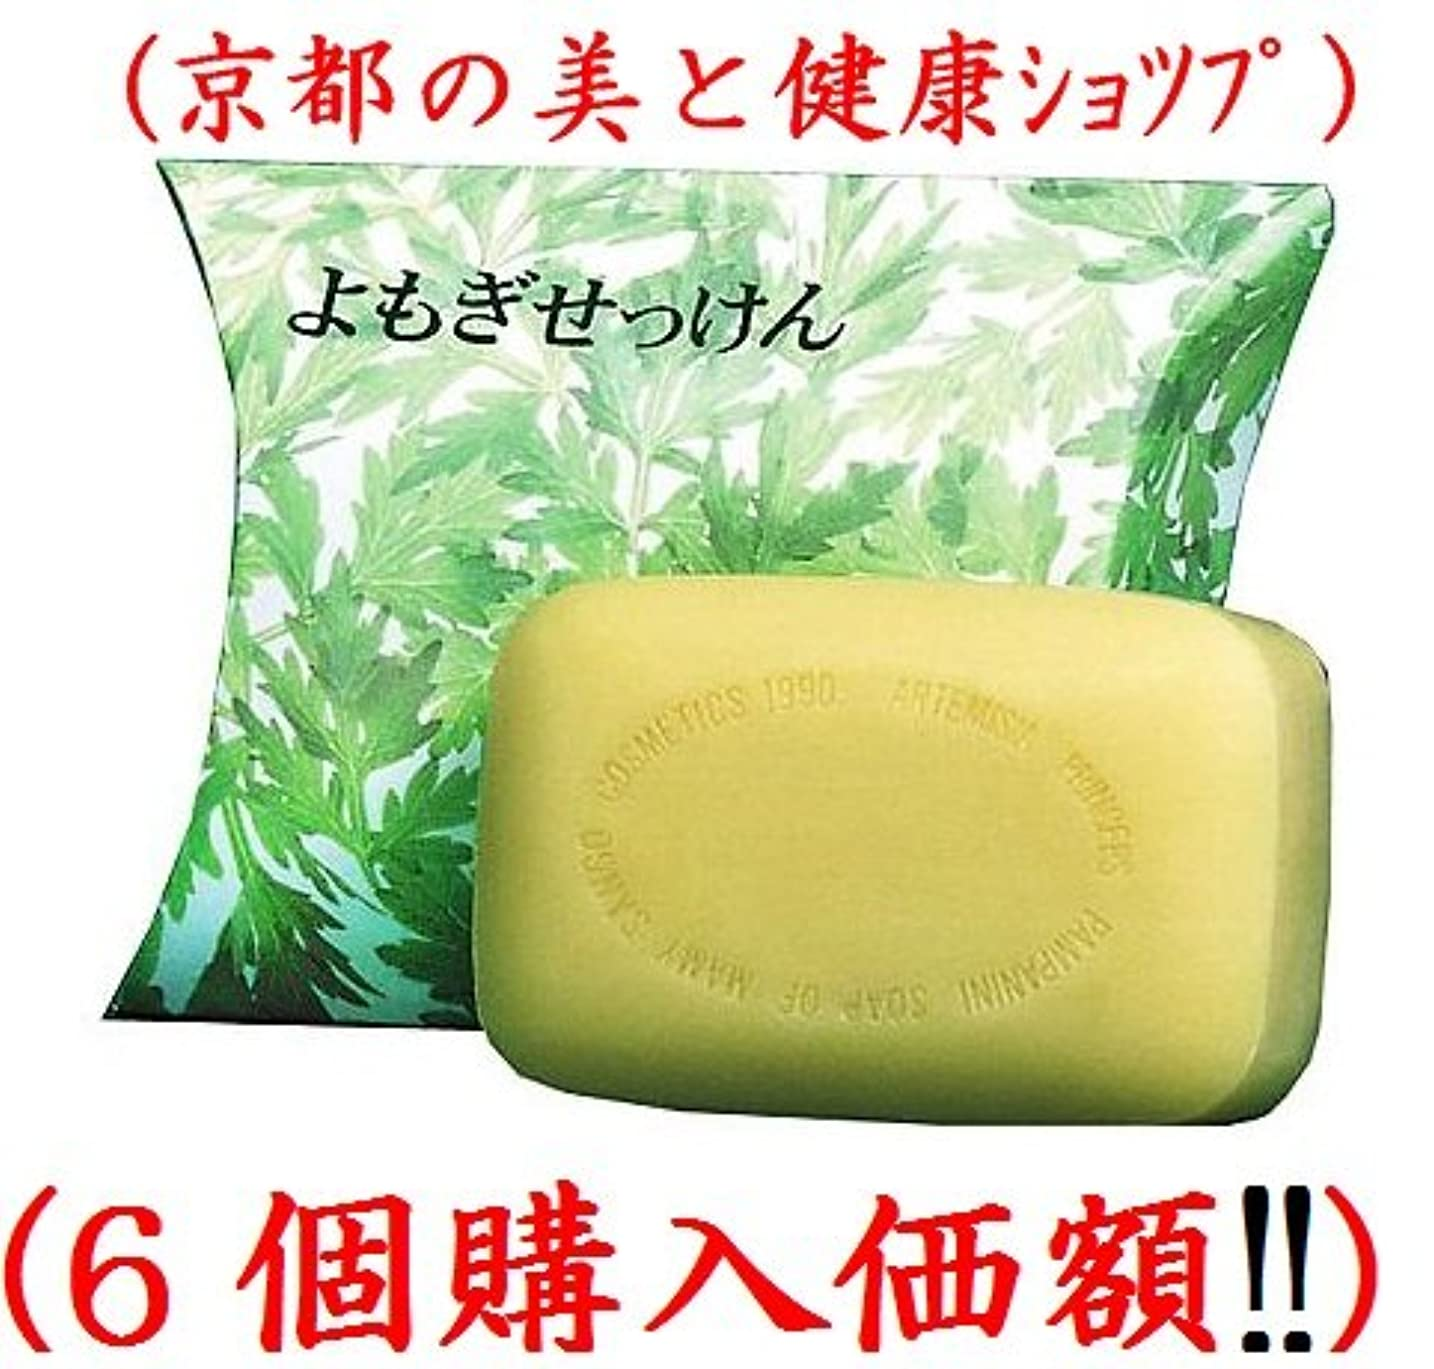 上級からかう絡まるマミーサンゴソープAよもぎ石鹸95g(6個購入価額)